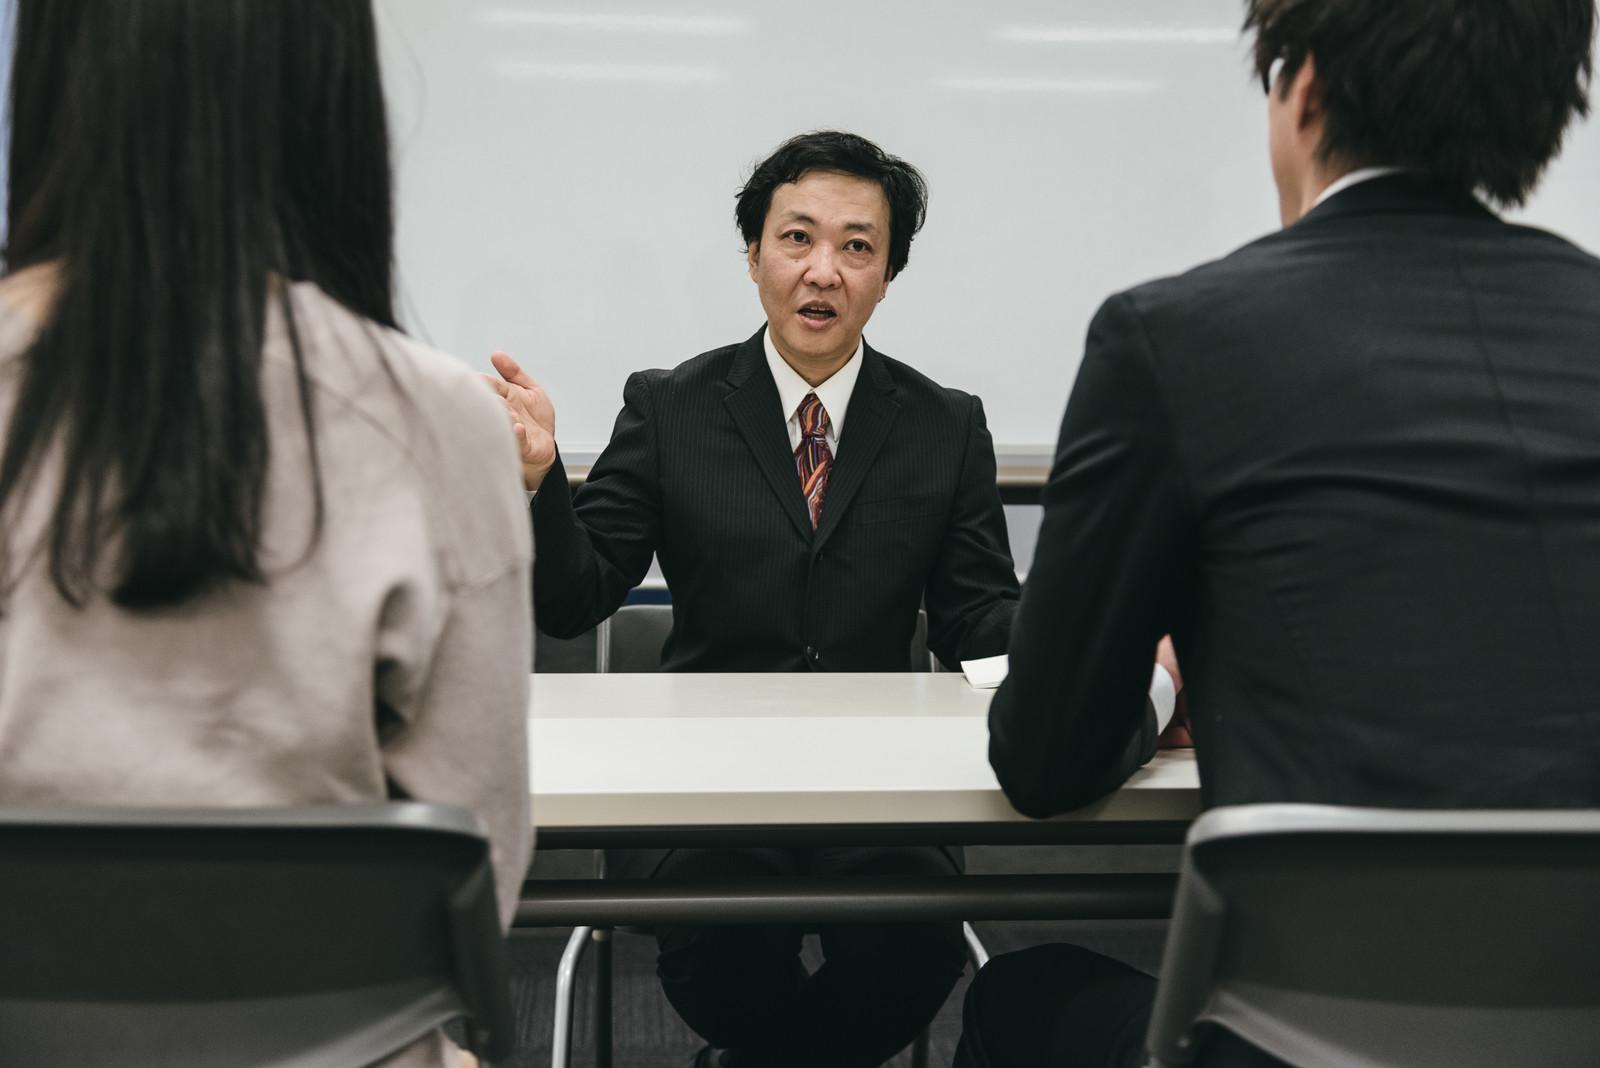 【面接の情報】大学院入試の面接何を聞かれる?【理系】